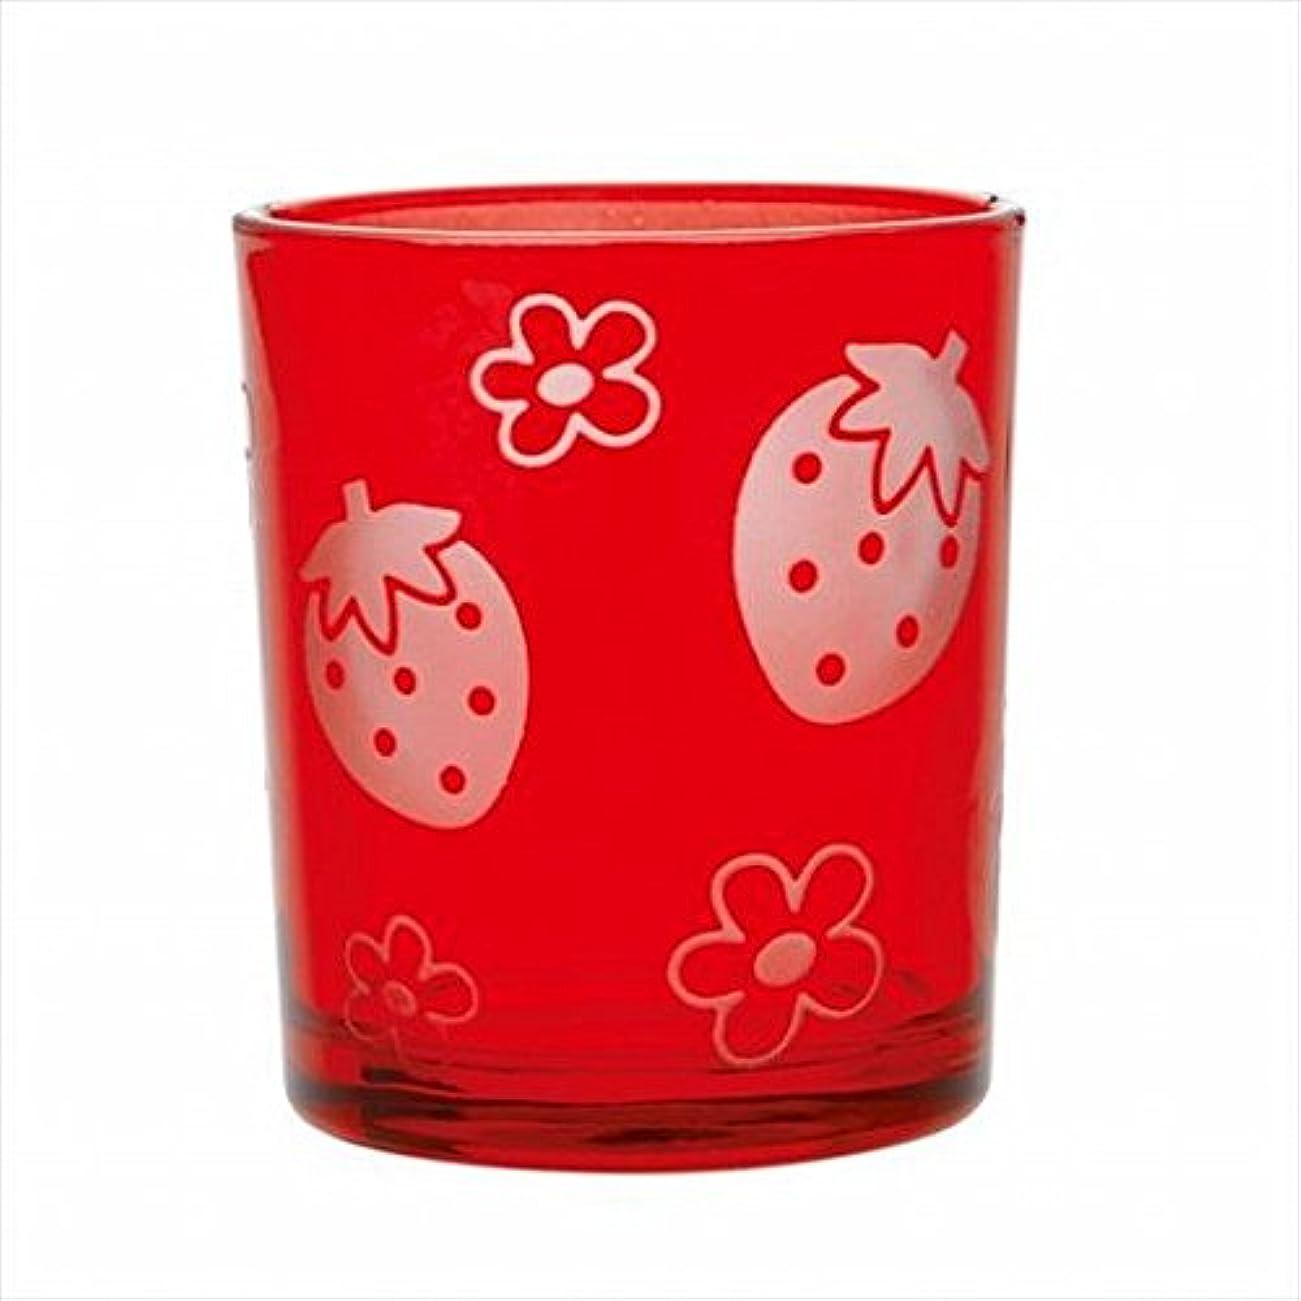 再生的動脈液化するsweets candle(スイーツキャンドル) いちごフロストカップ 「 レッド 」 キャンドル 55x55x65mm (J1490040R)